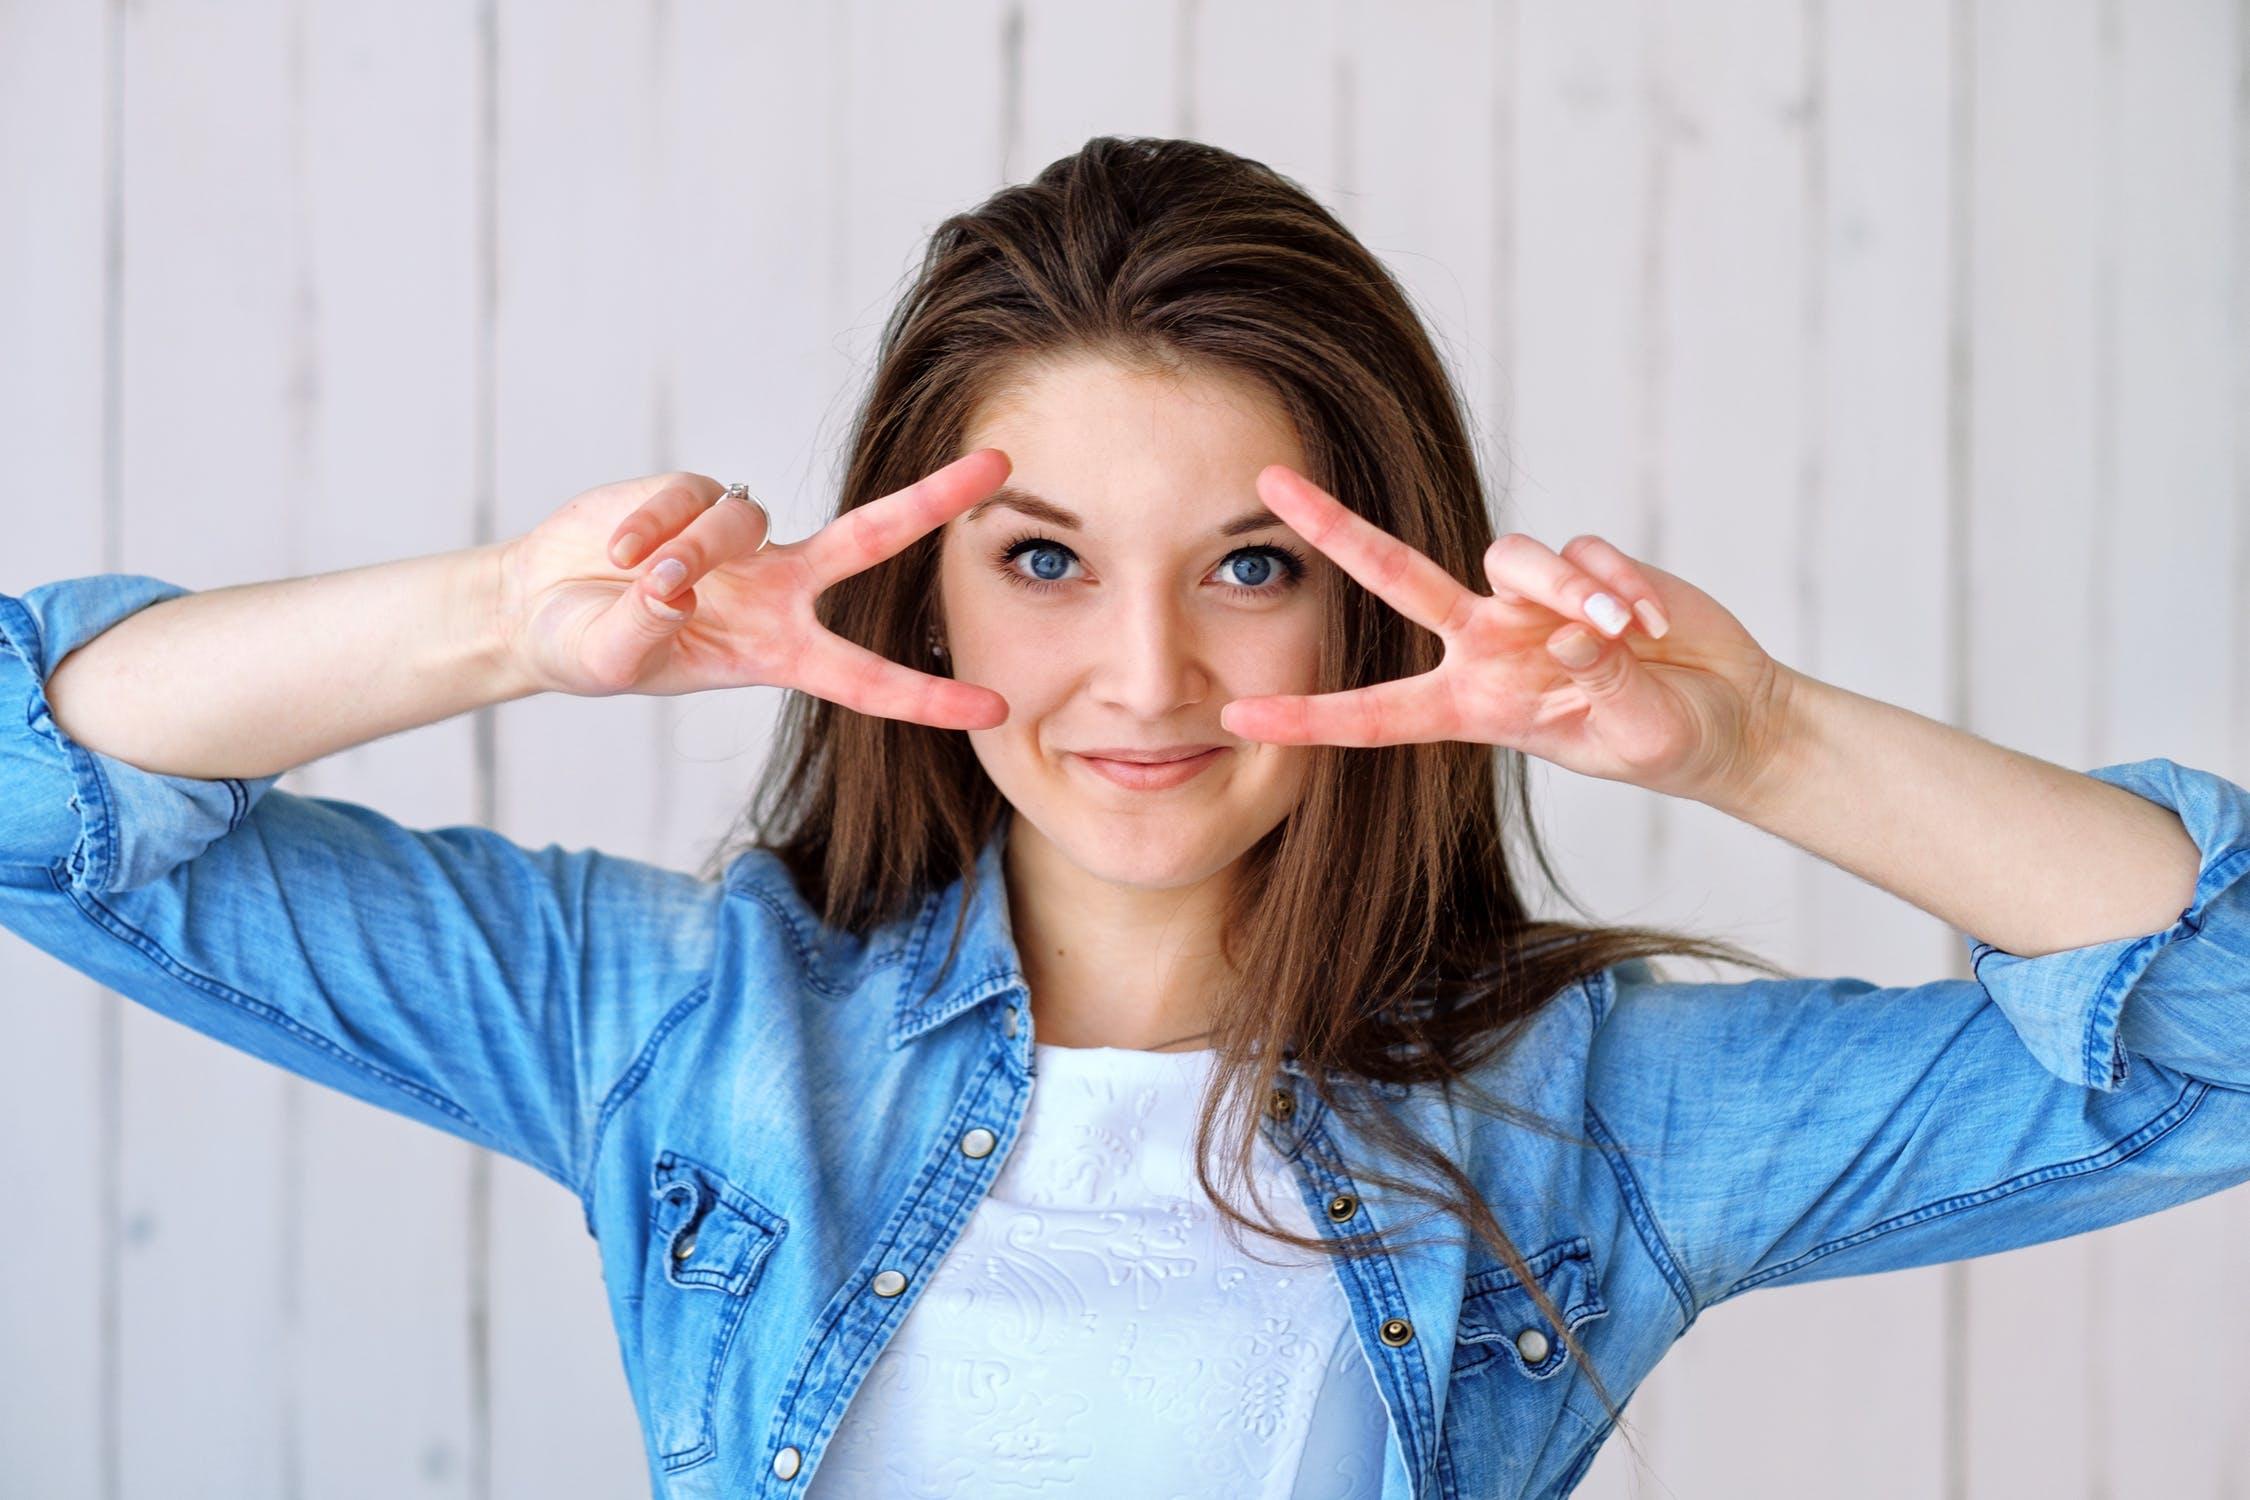 लग्नानंतर स्त्री आणि पुरुष दोघांचे चेहरे उजळतात. त्यात स्त्री जास्त सुंदर दिसू लागते. त्यामुळे पुरुष अशा स्त्रीवर भाळतात.